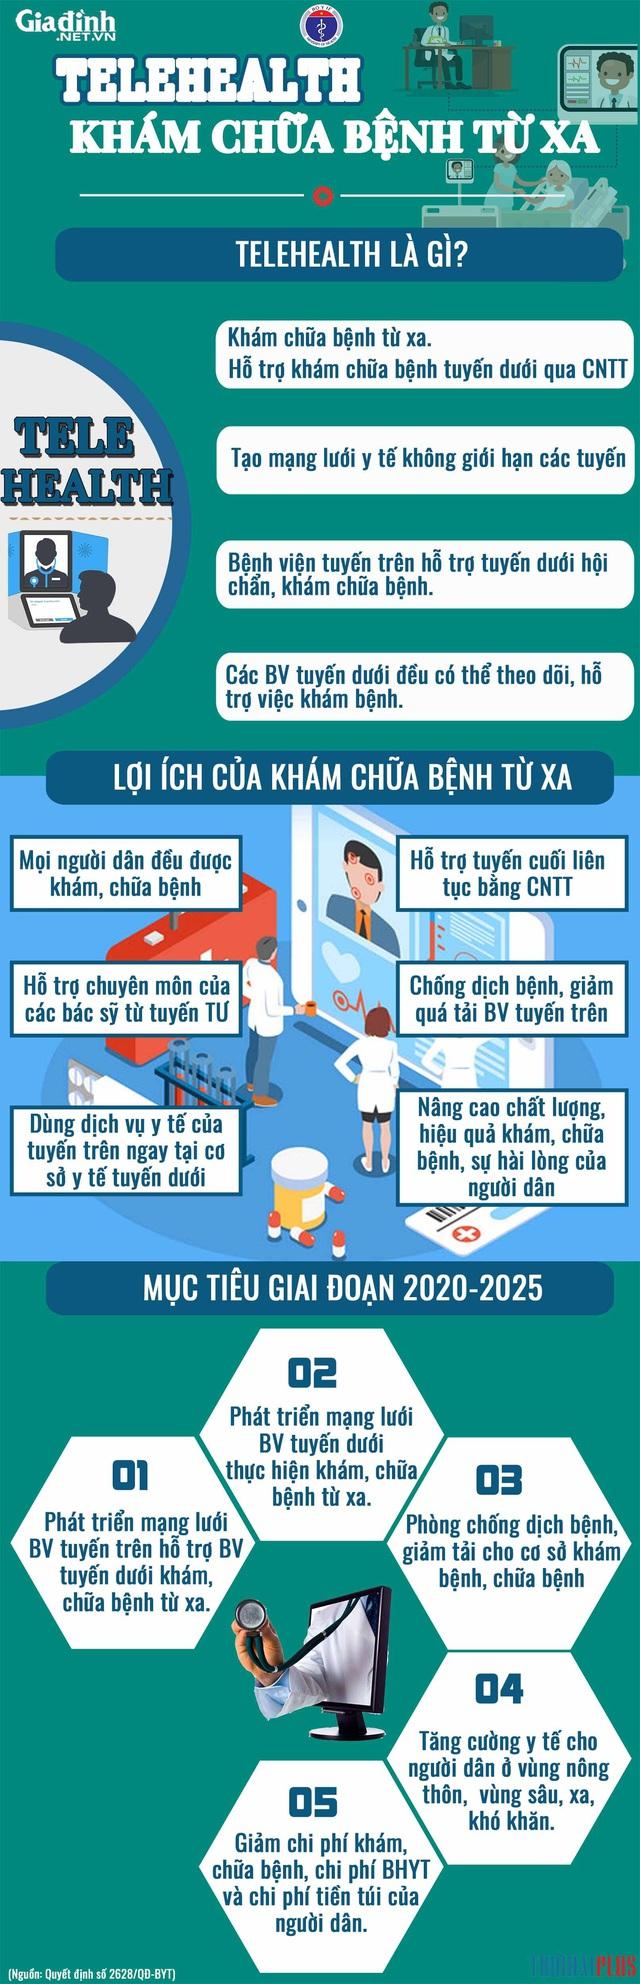 Điểm khác biệt ít nơi có trong Trung tâm Khám, chữa bệnh từ xa tại bệnh viện trực thuộc Bộ đặt tại Thái Nguyên - Ảnh 4.